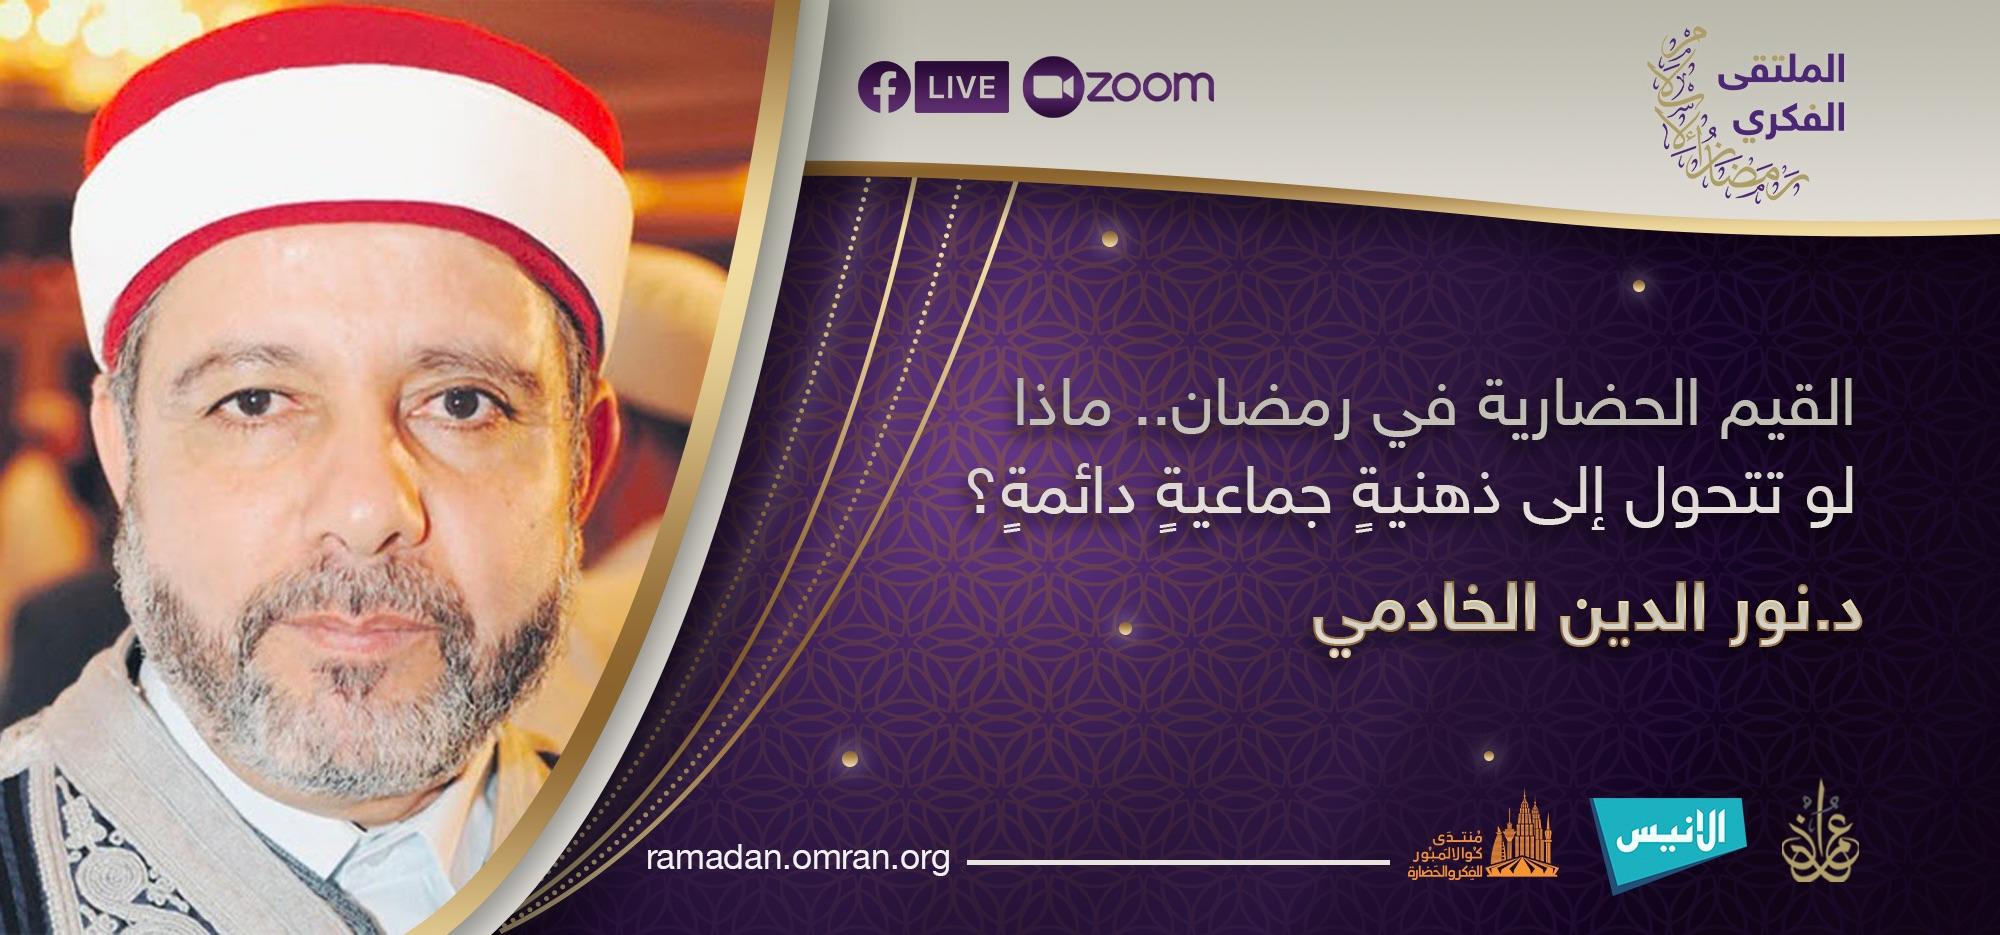 القيم الحضارية في رمضان.. ماذا لو تتحول إلى ذهنيةٍ جماعيةٍ دائمةٍ؟